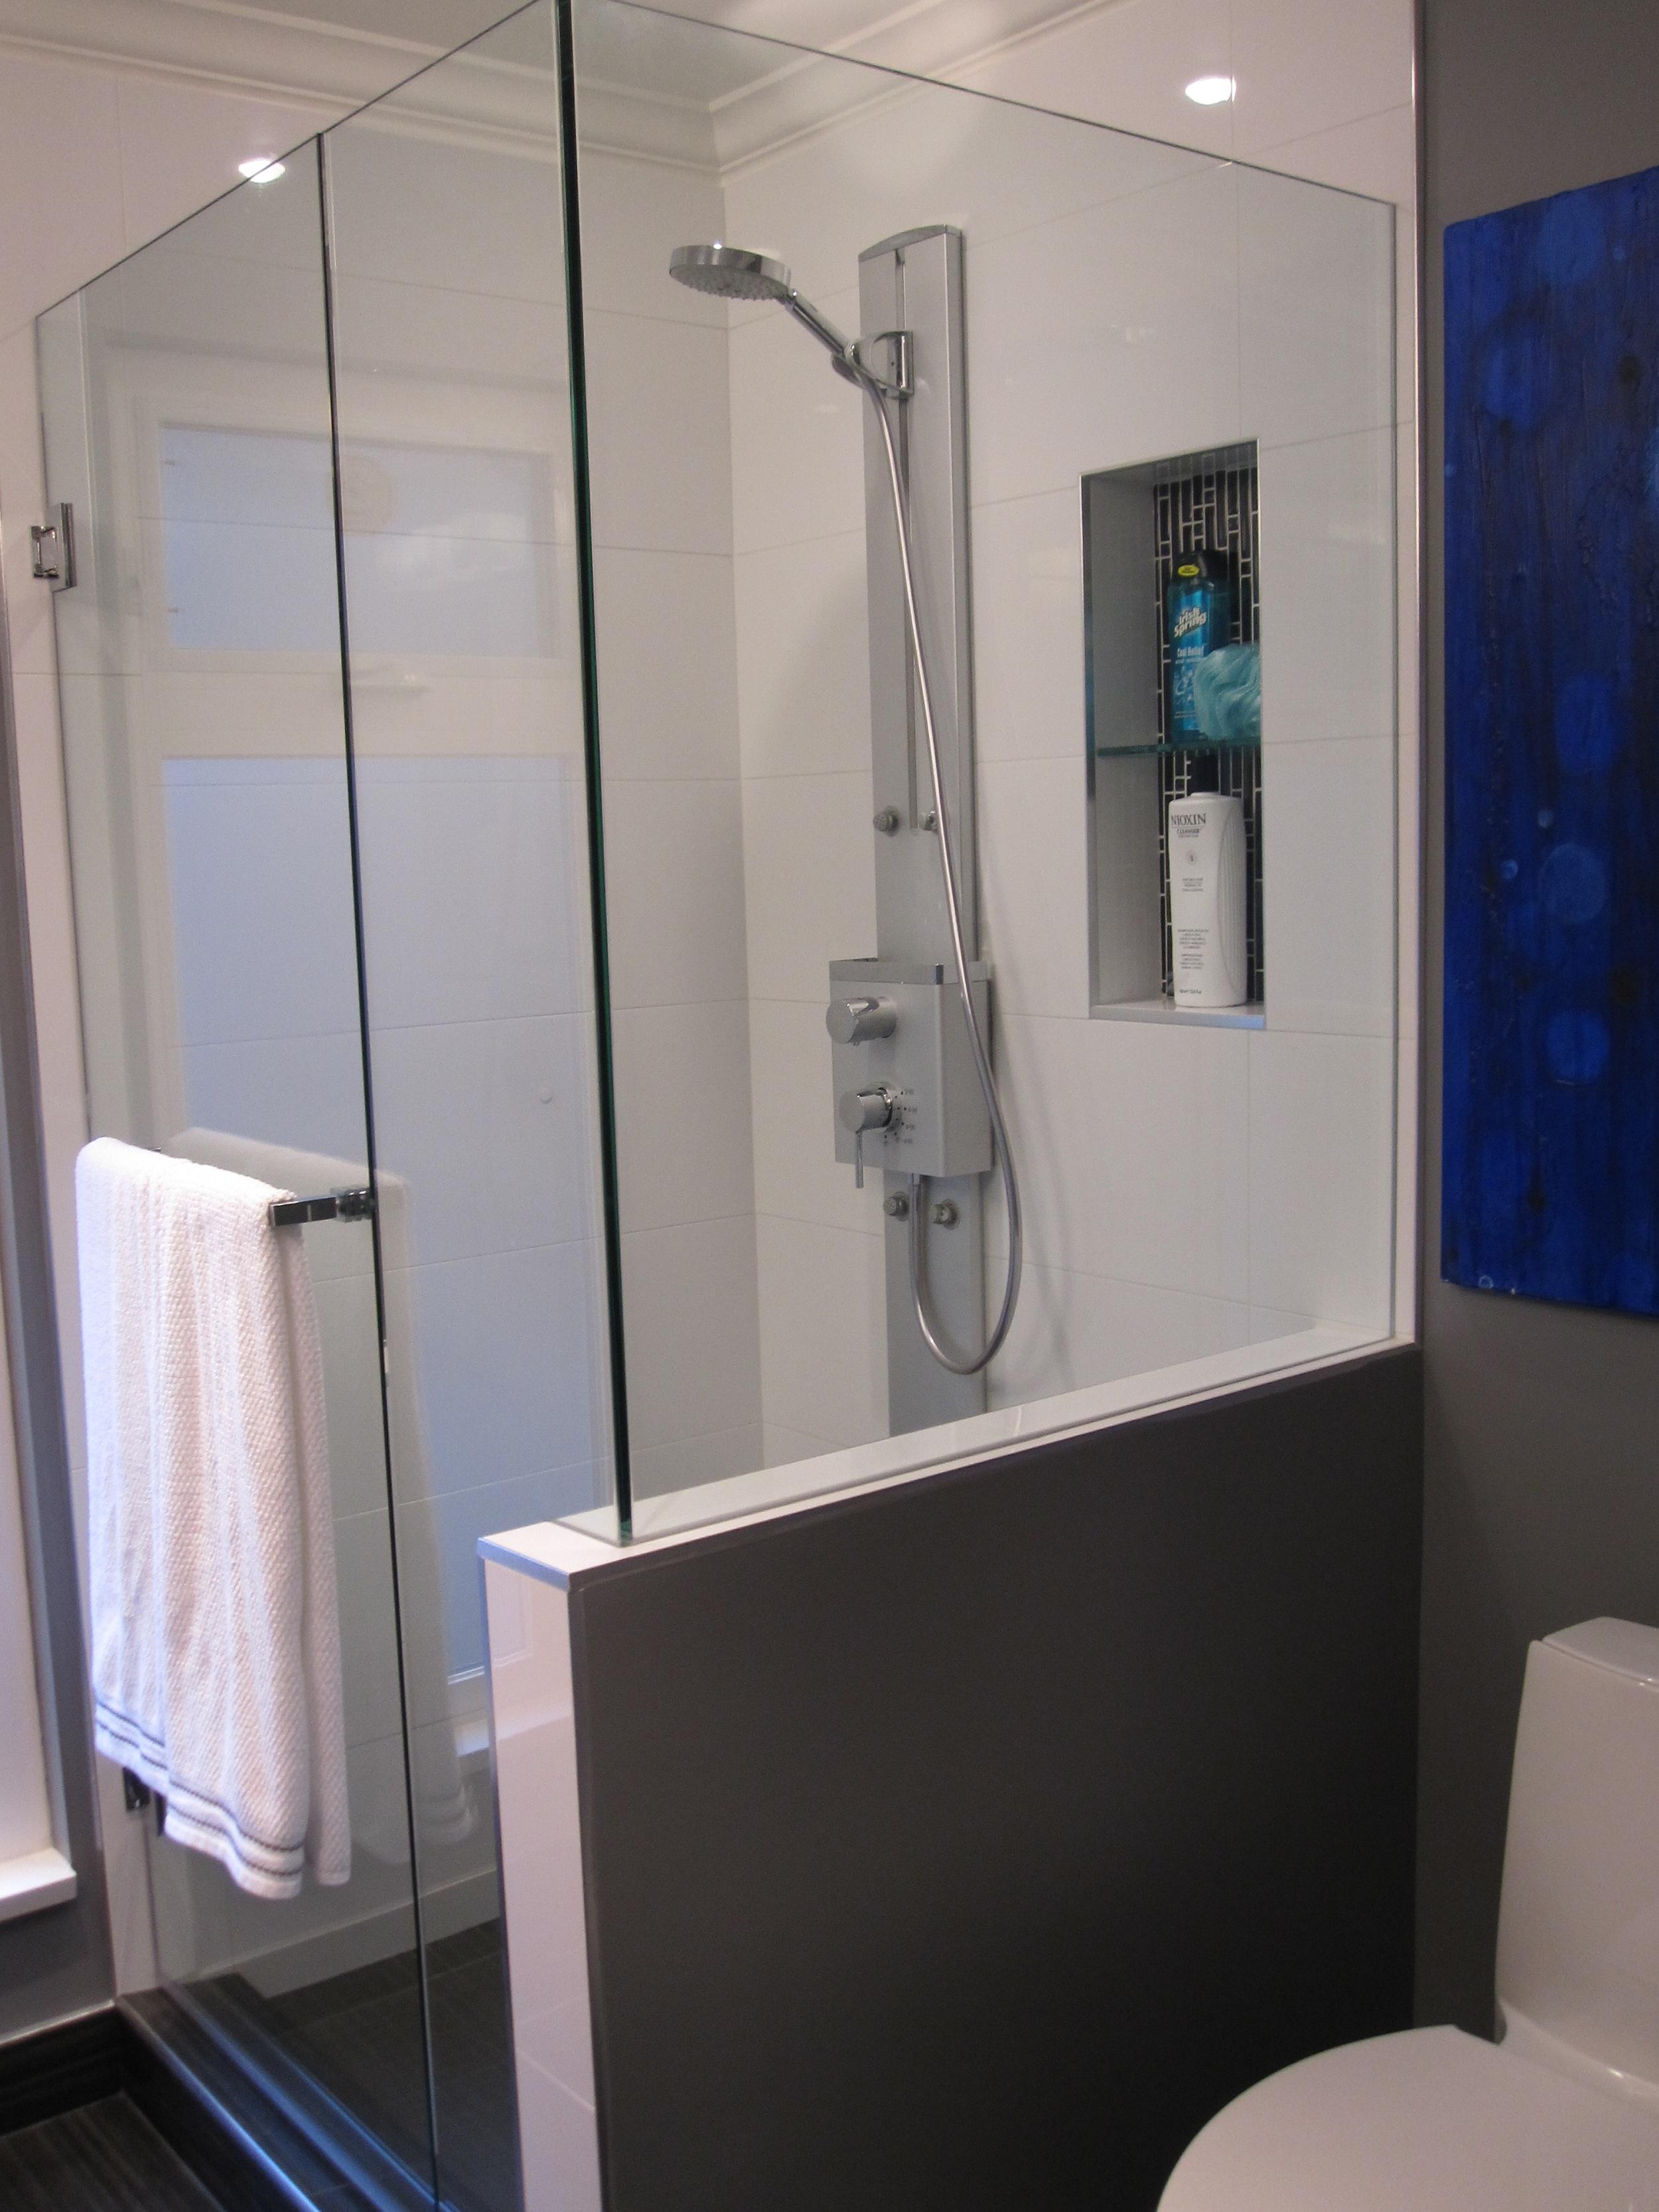 Schluter Shower Wall Tile Westsidetile Com